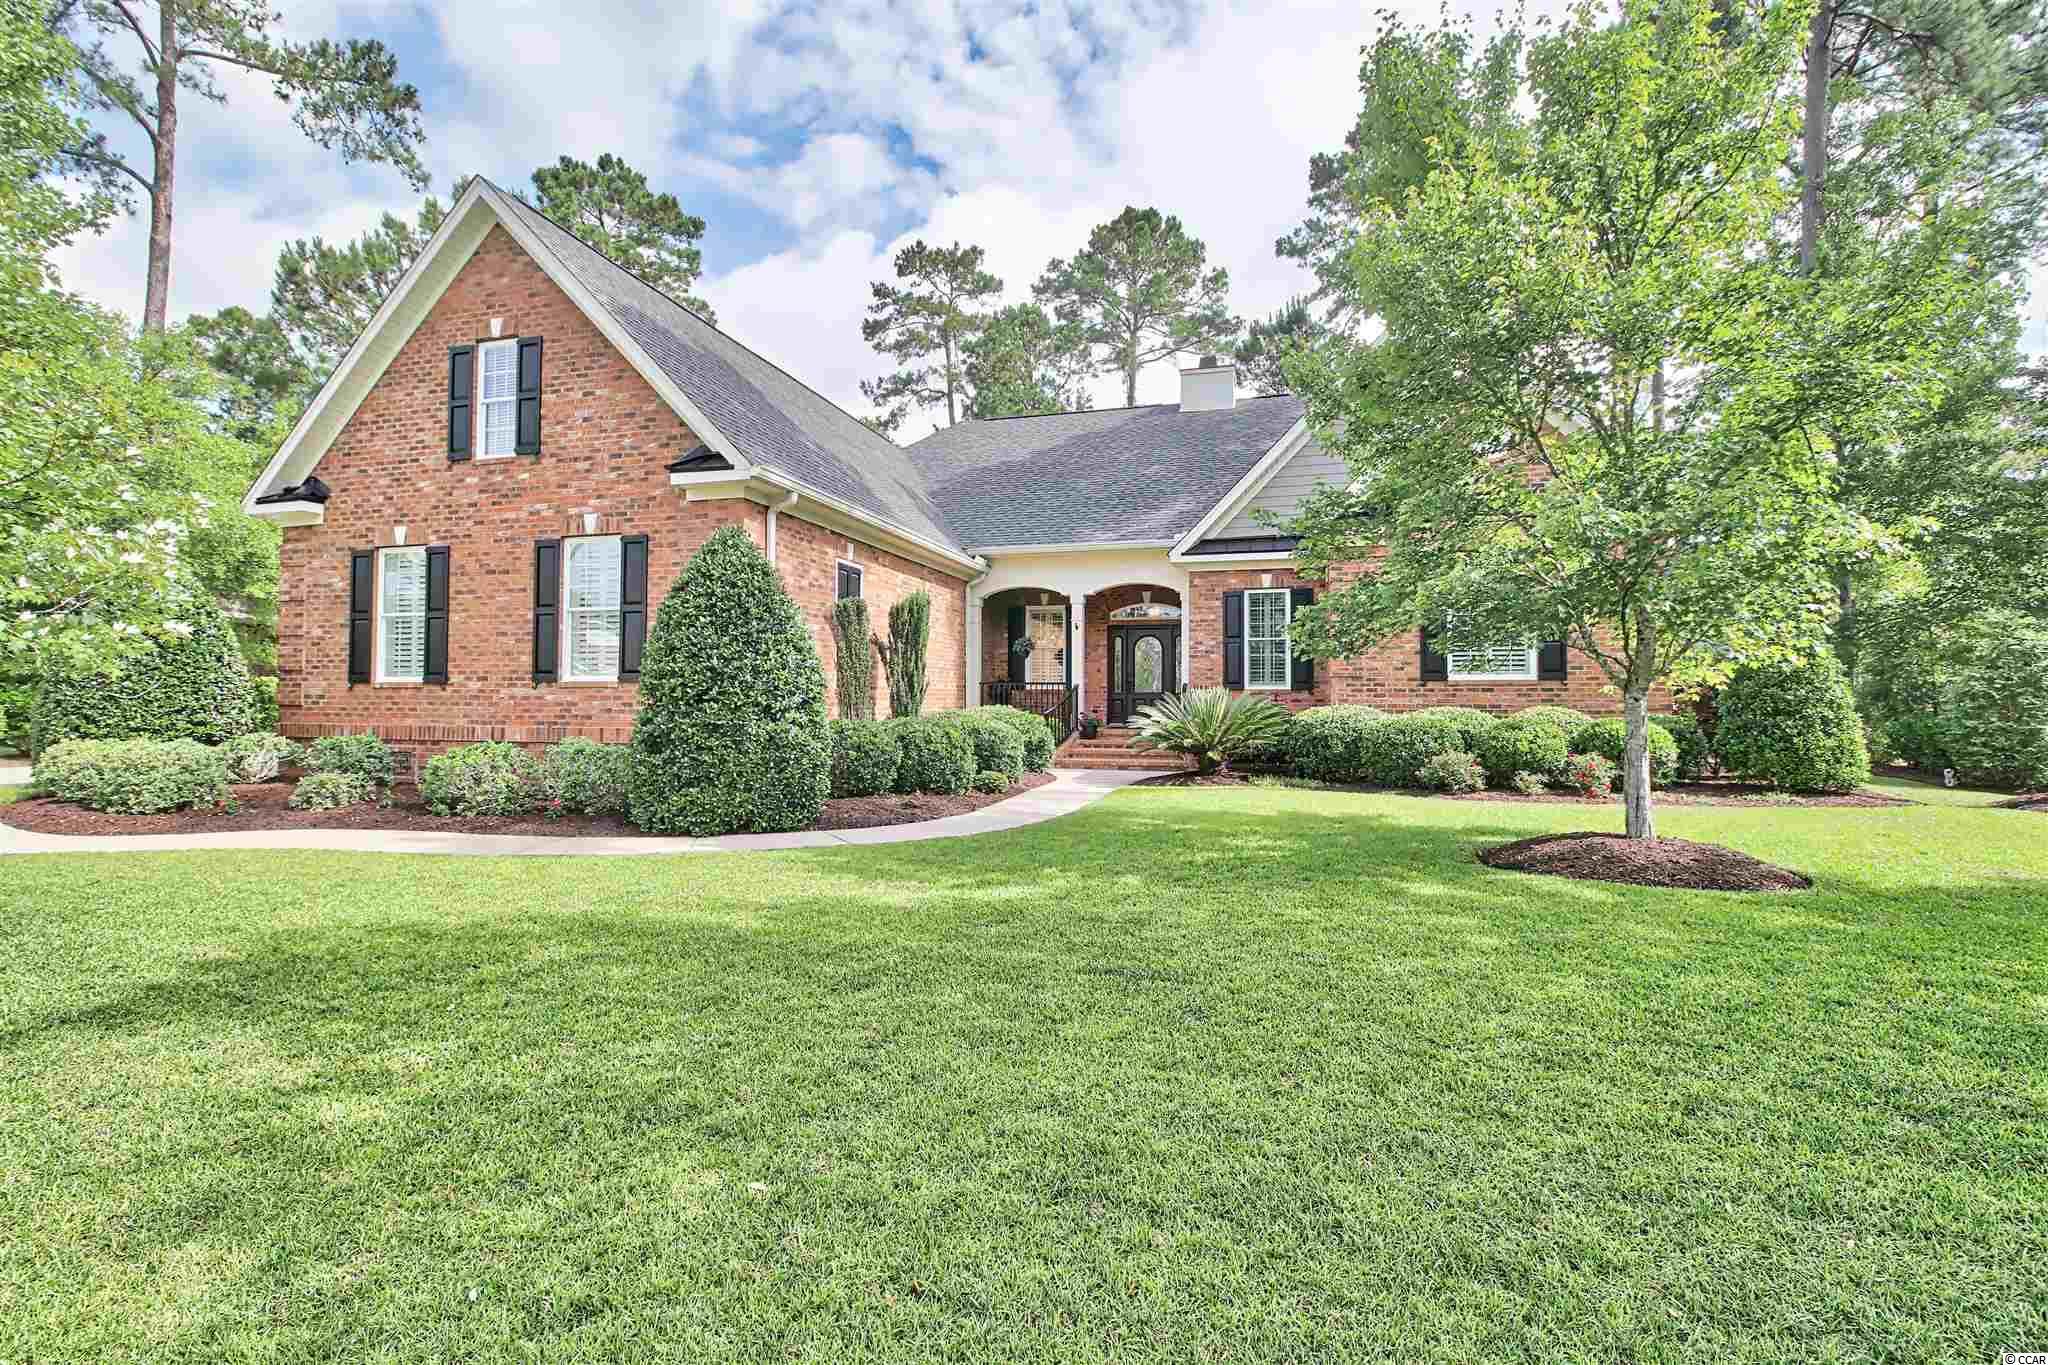 62 Knotty Pine Way Property Photo 1